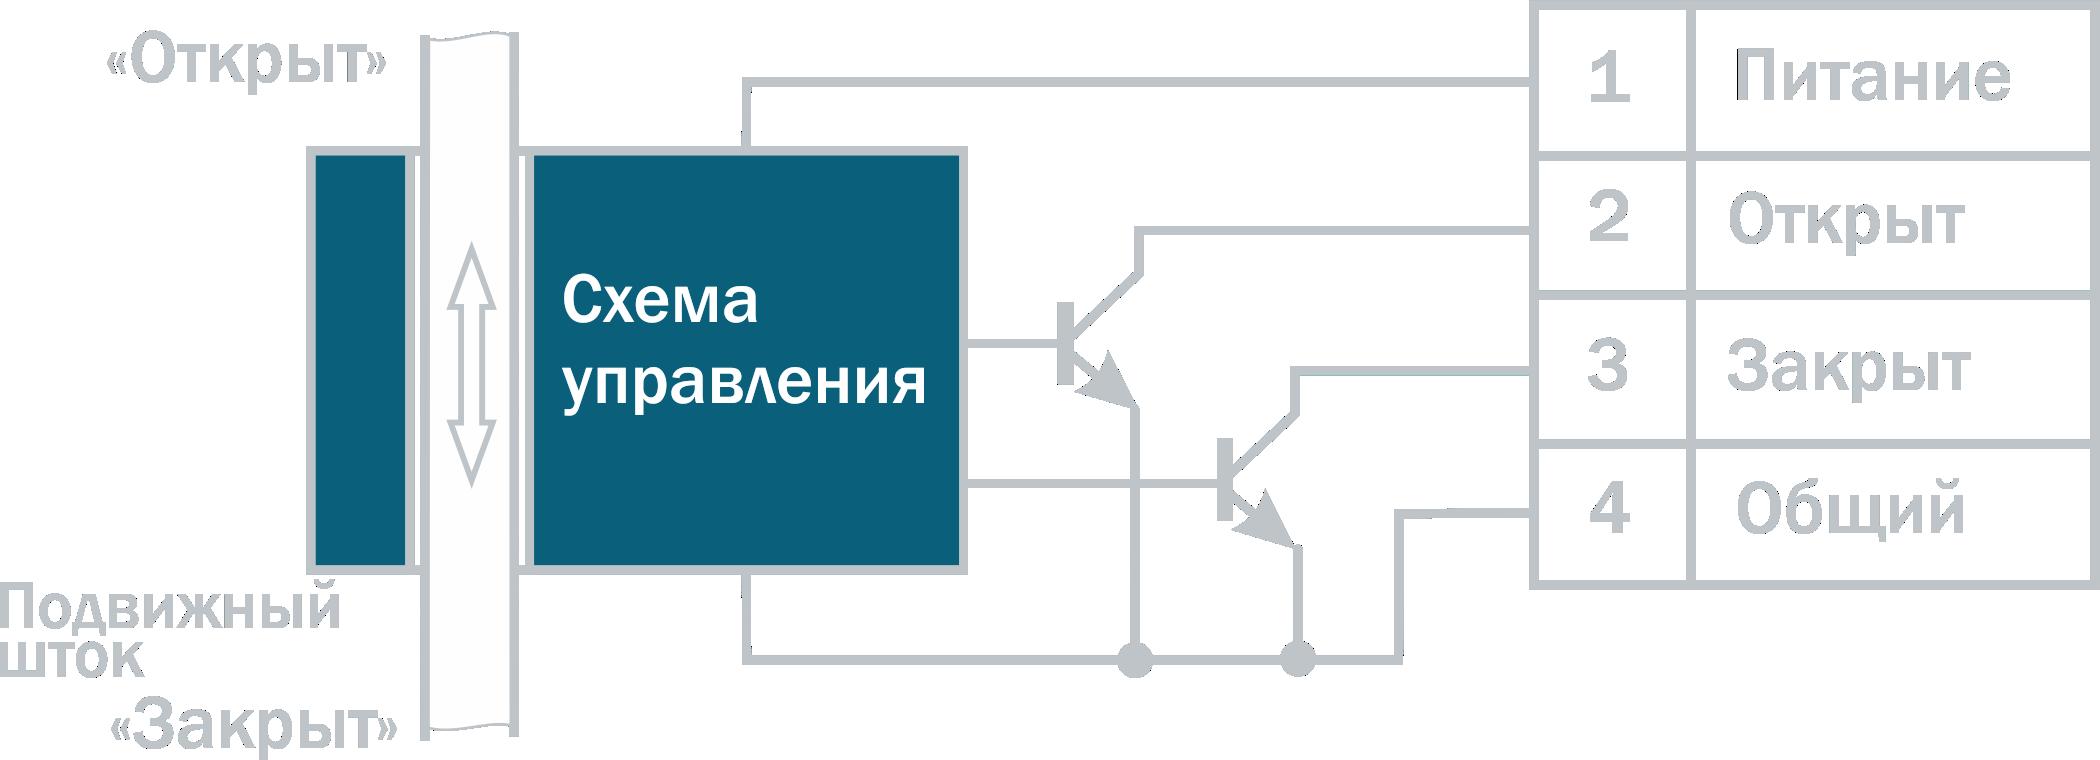 датчик положения обозначение на схеме